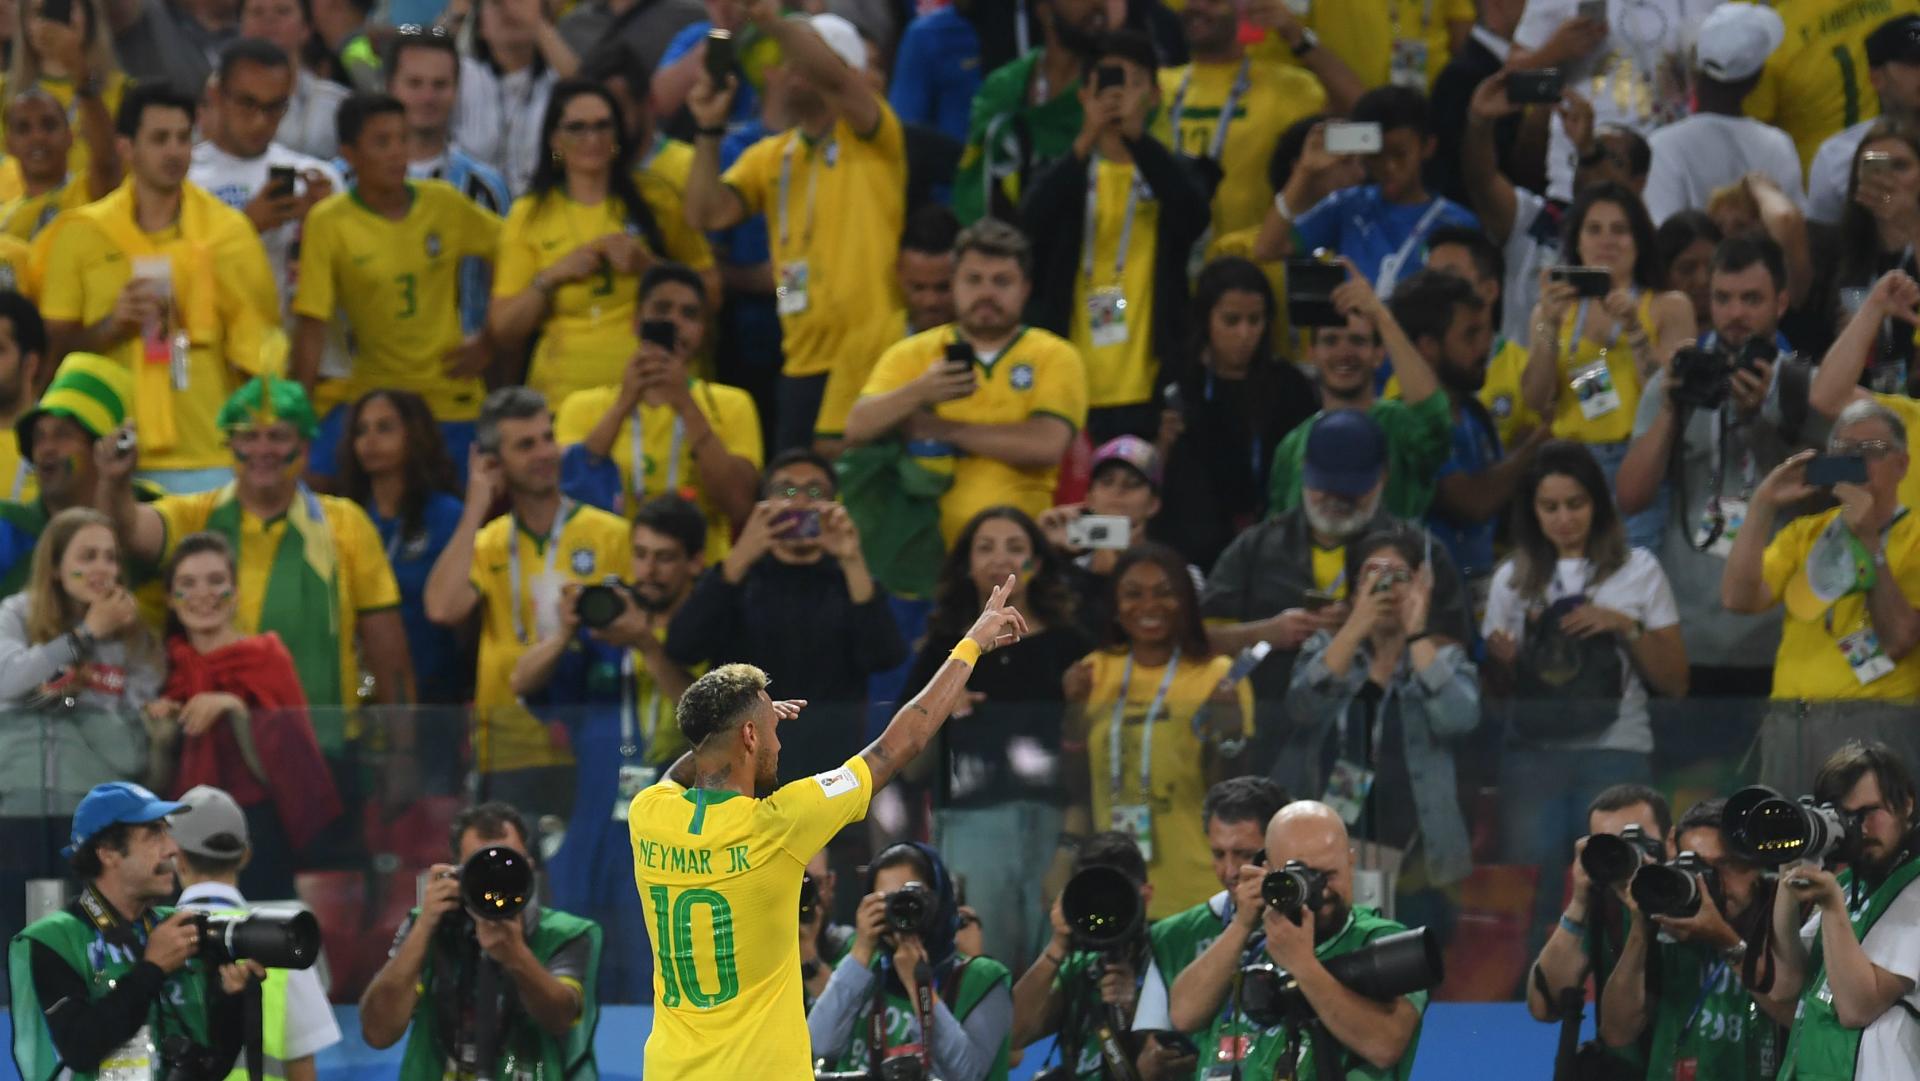 Brasilien Fans WM 2018 2706